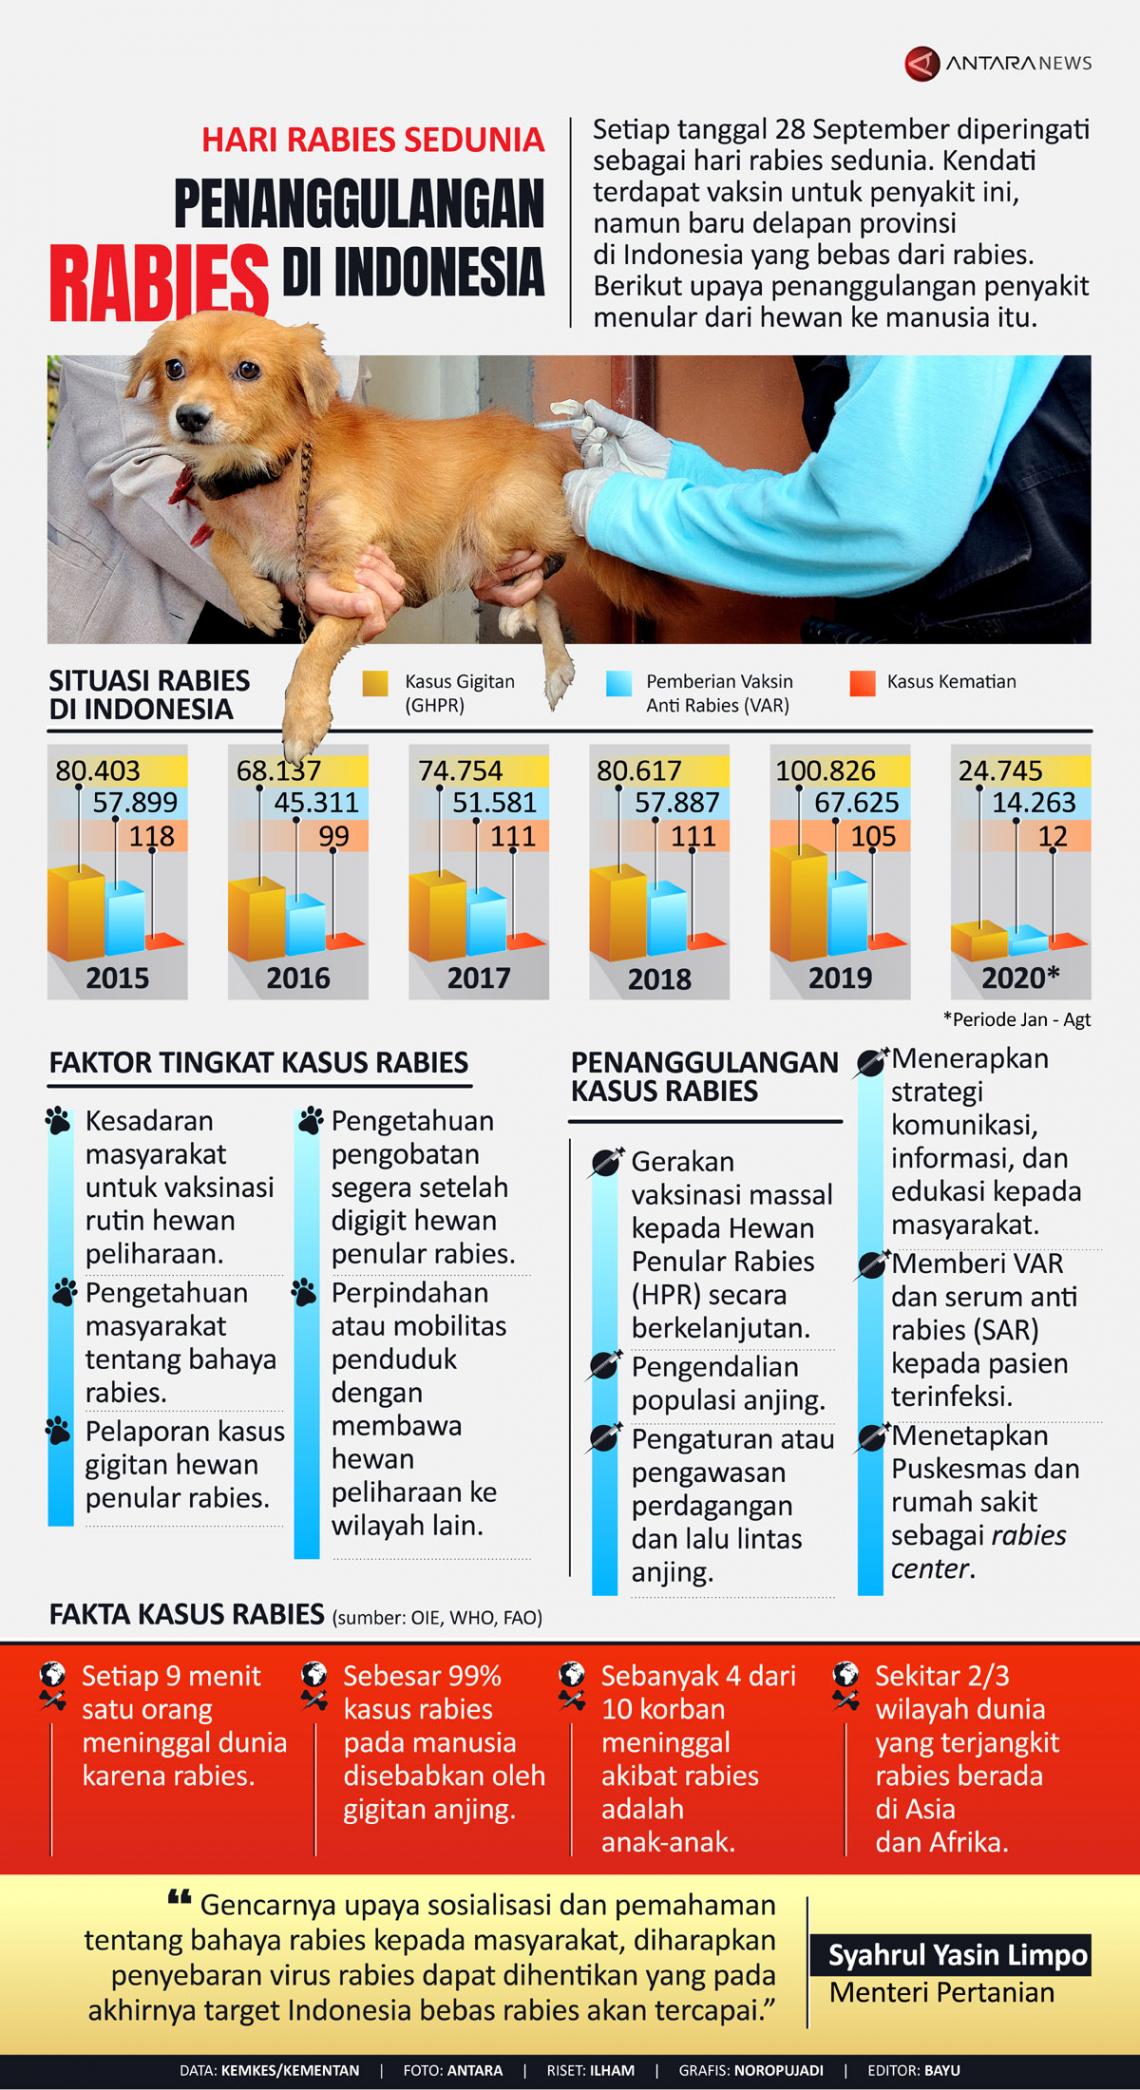 Penanggulangan rabies di Indonesia